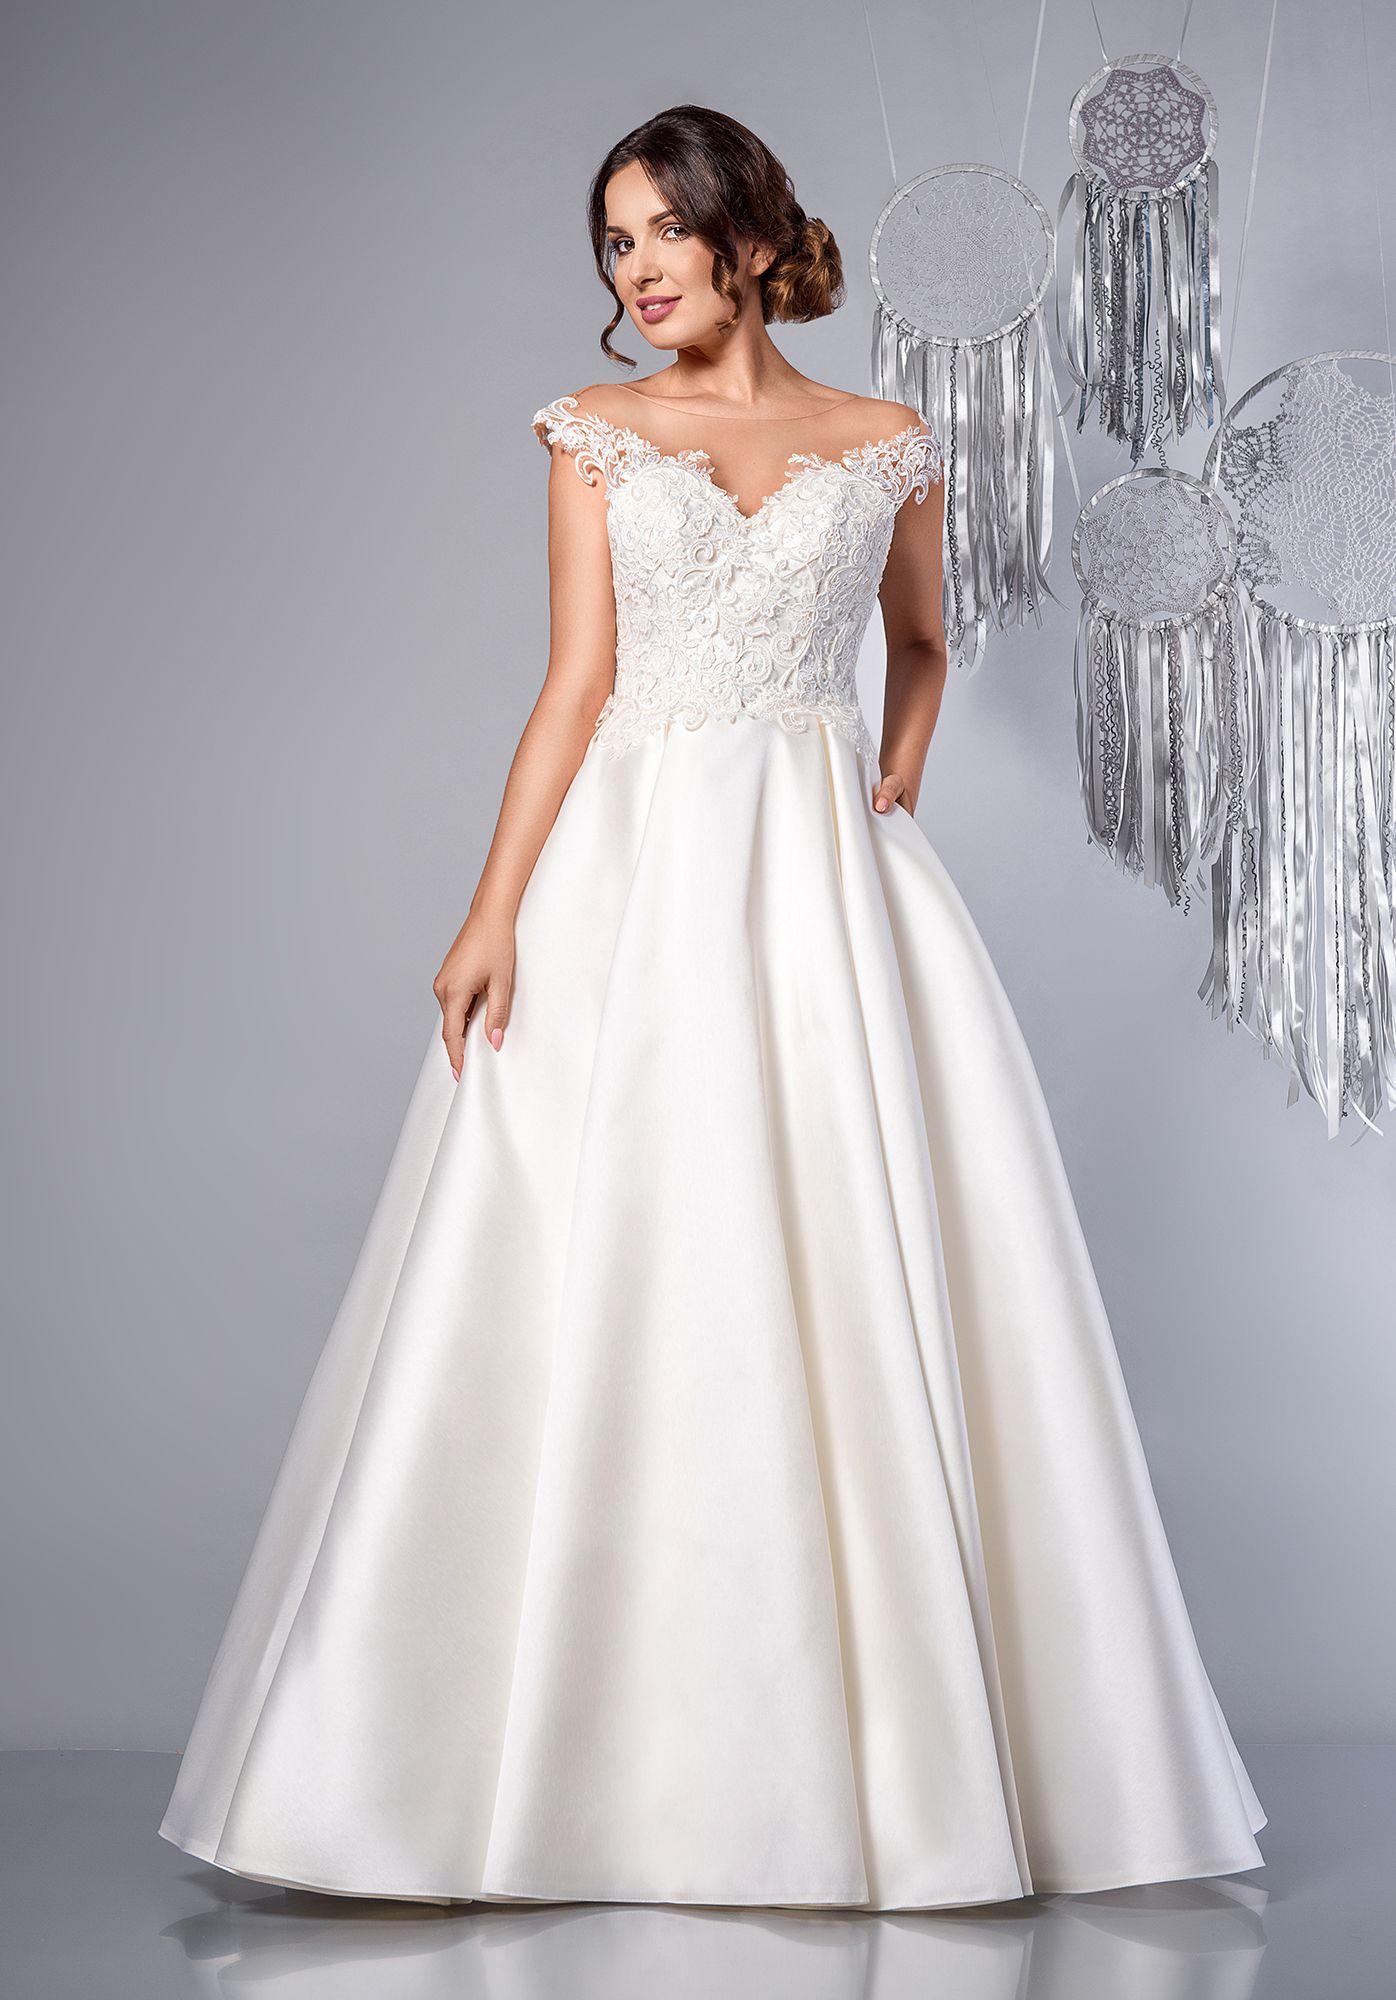 c786686879 Tessa - suknia ślubna z hiszpańskim dekoltem. Off the shoulder wedding dress.   sukniaślubna  weddingdress  weddinggown